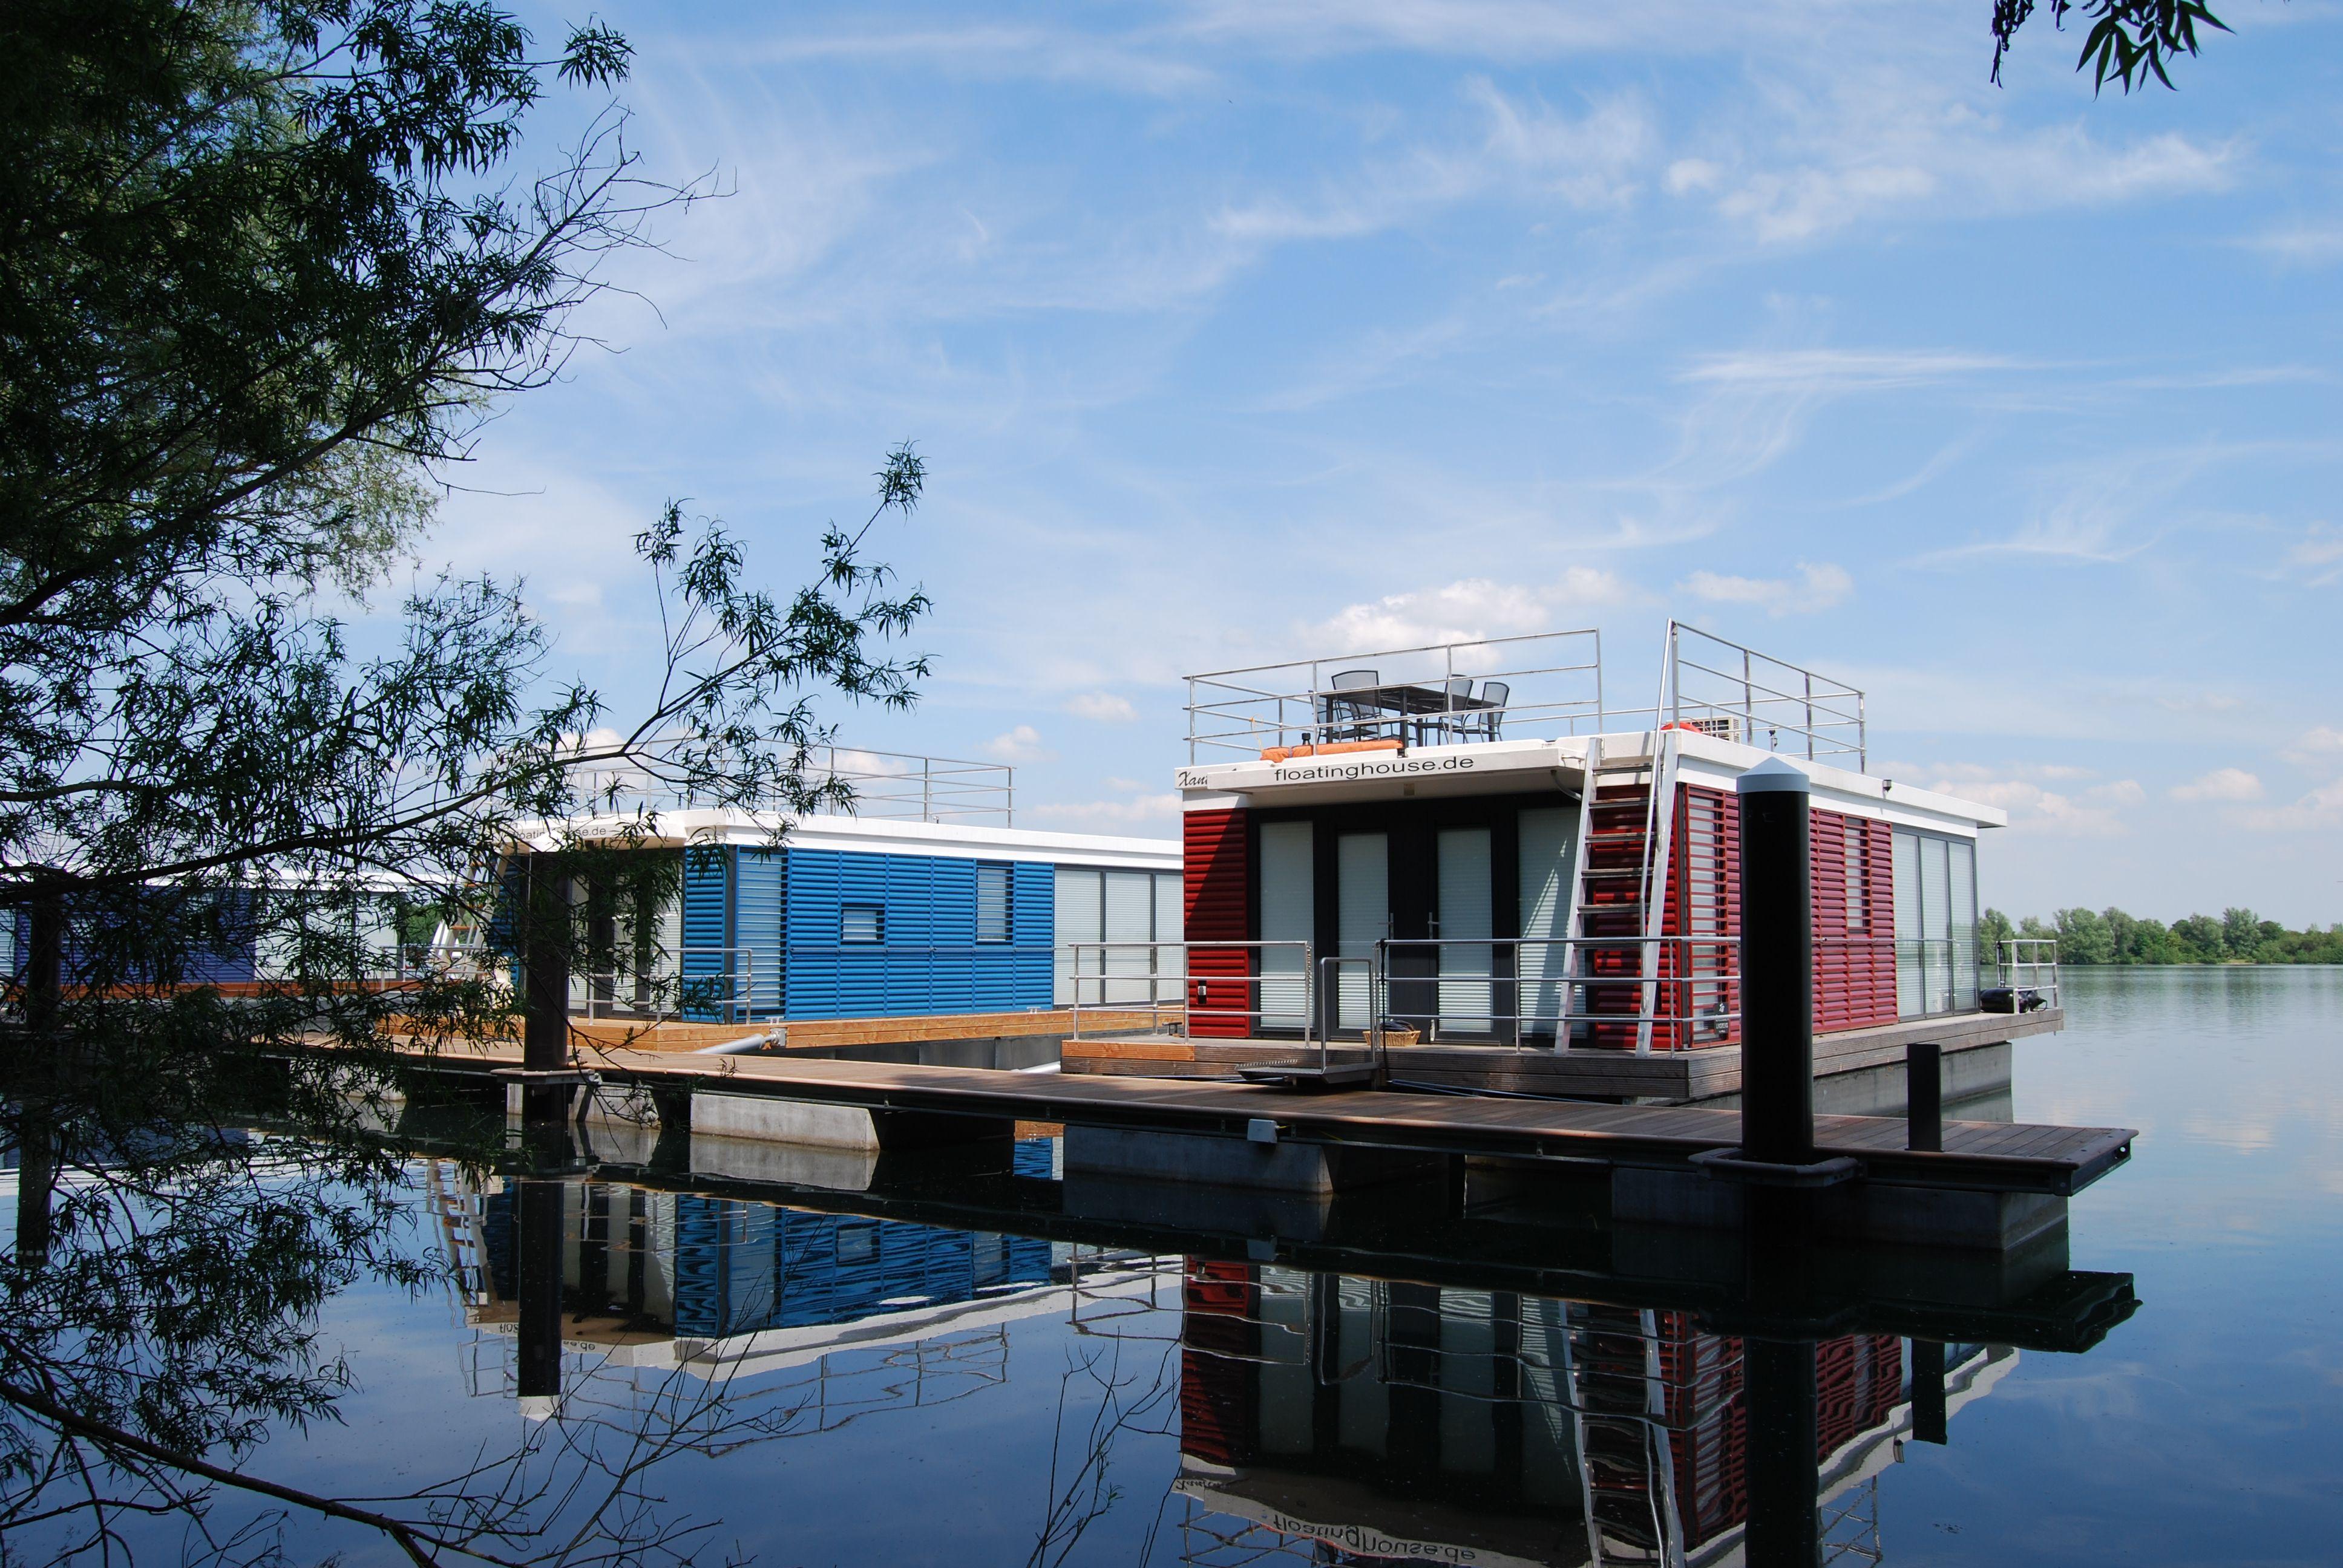 Pin Von Lech Kowalewski Auf Urlaub Hausboot Hausboot Kaufen Schwimmende Hauser